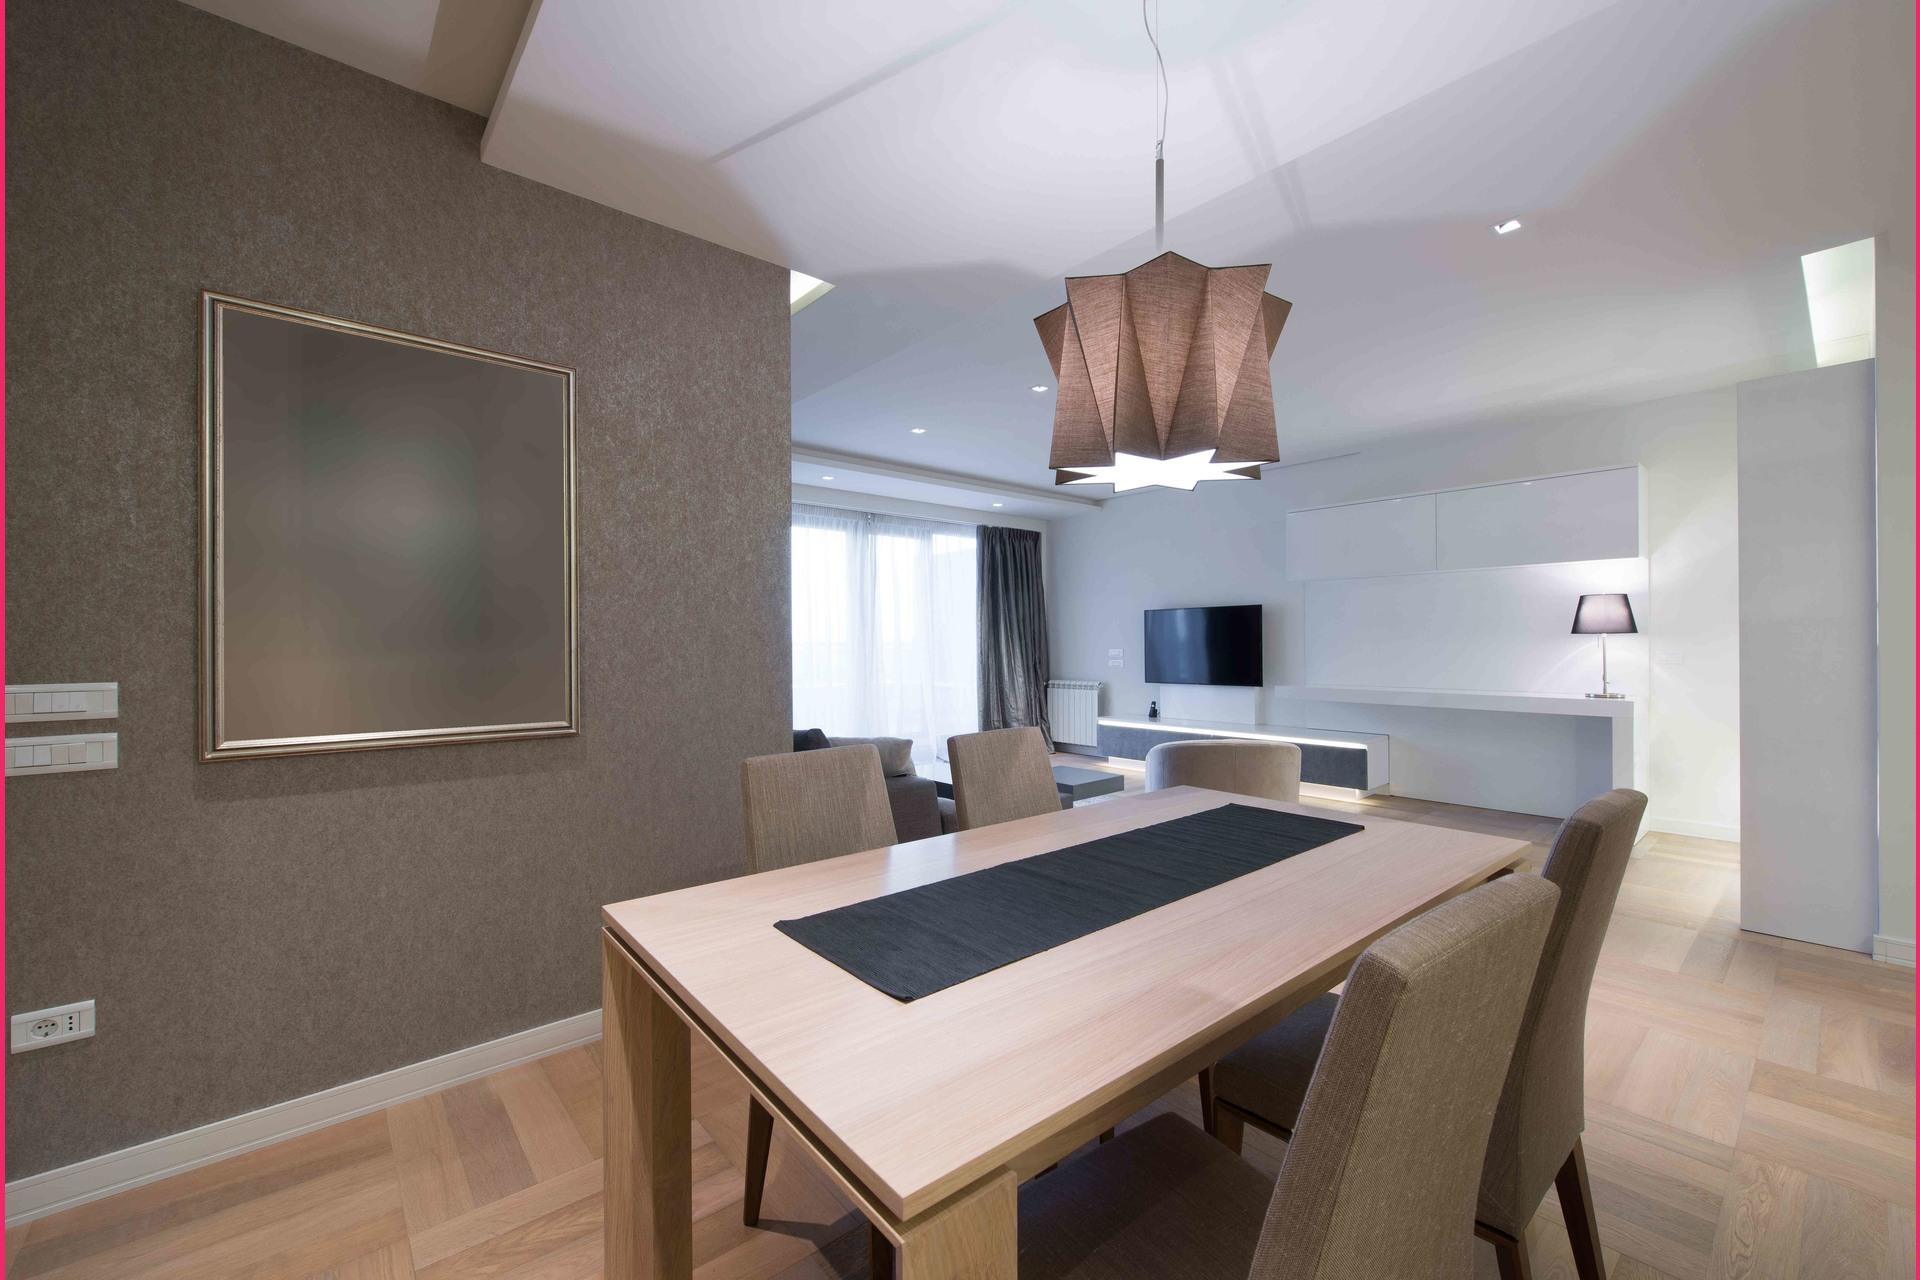 image 3 - Appartement À vendre Montréal Verdun - 6 pièces